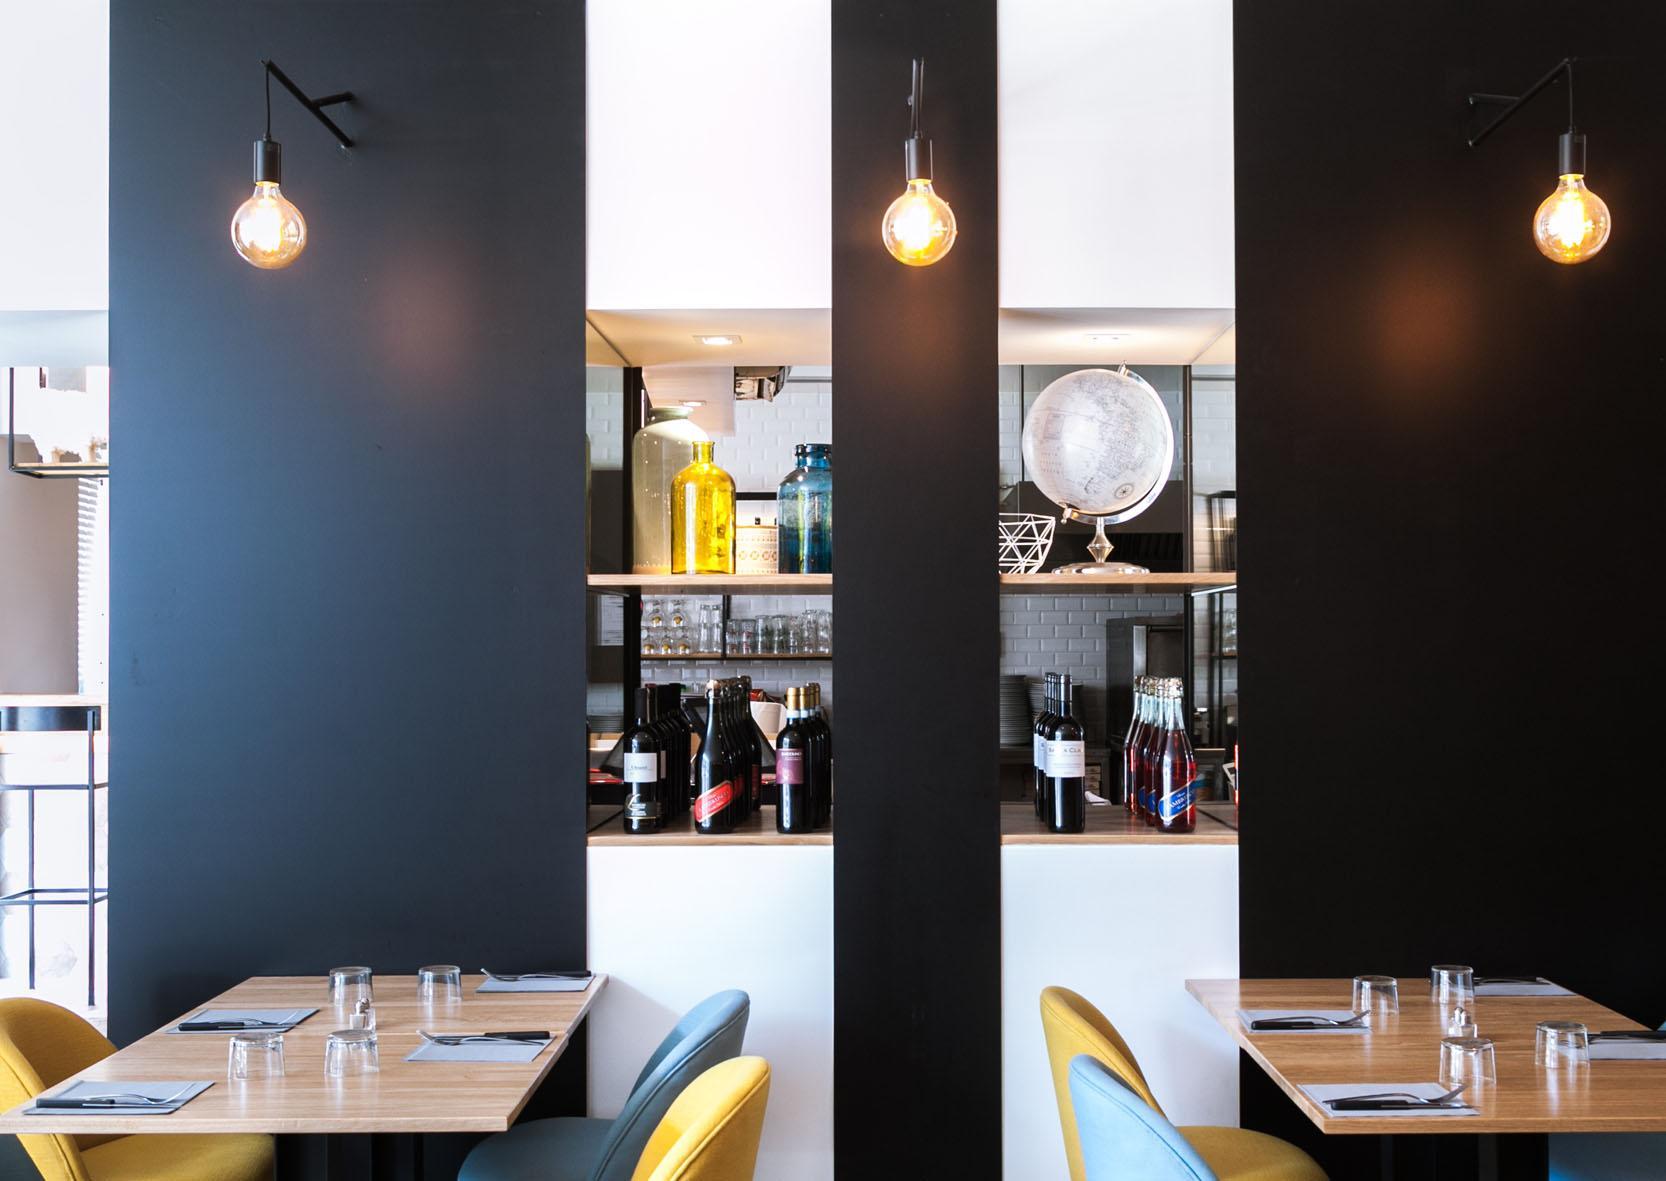 decoration interieur de restaurant cool dcoration intrieure restaurant caen calvados en. Black Bedroom Furniture Sets. Home Design Ideas